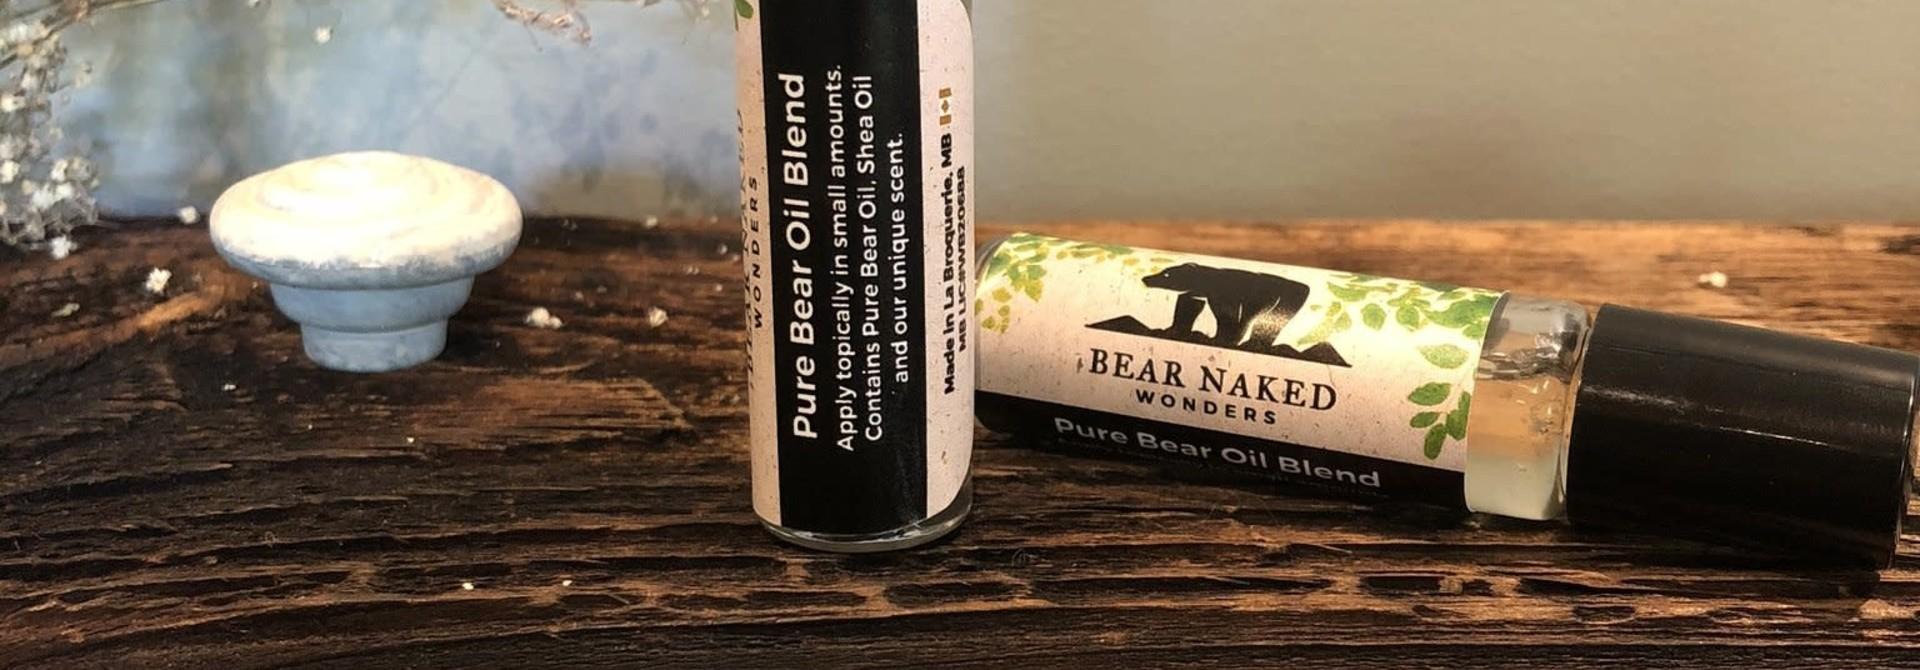 Pure Bear Oil Blend Roller Bottle